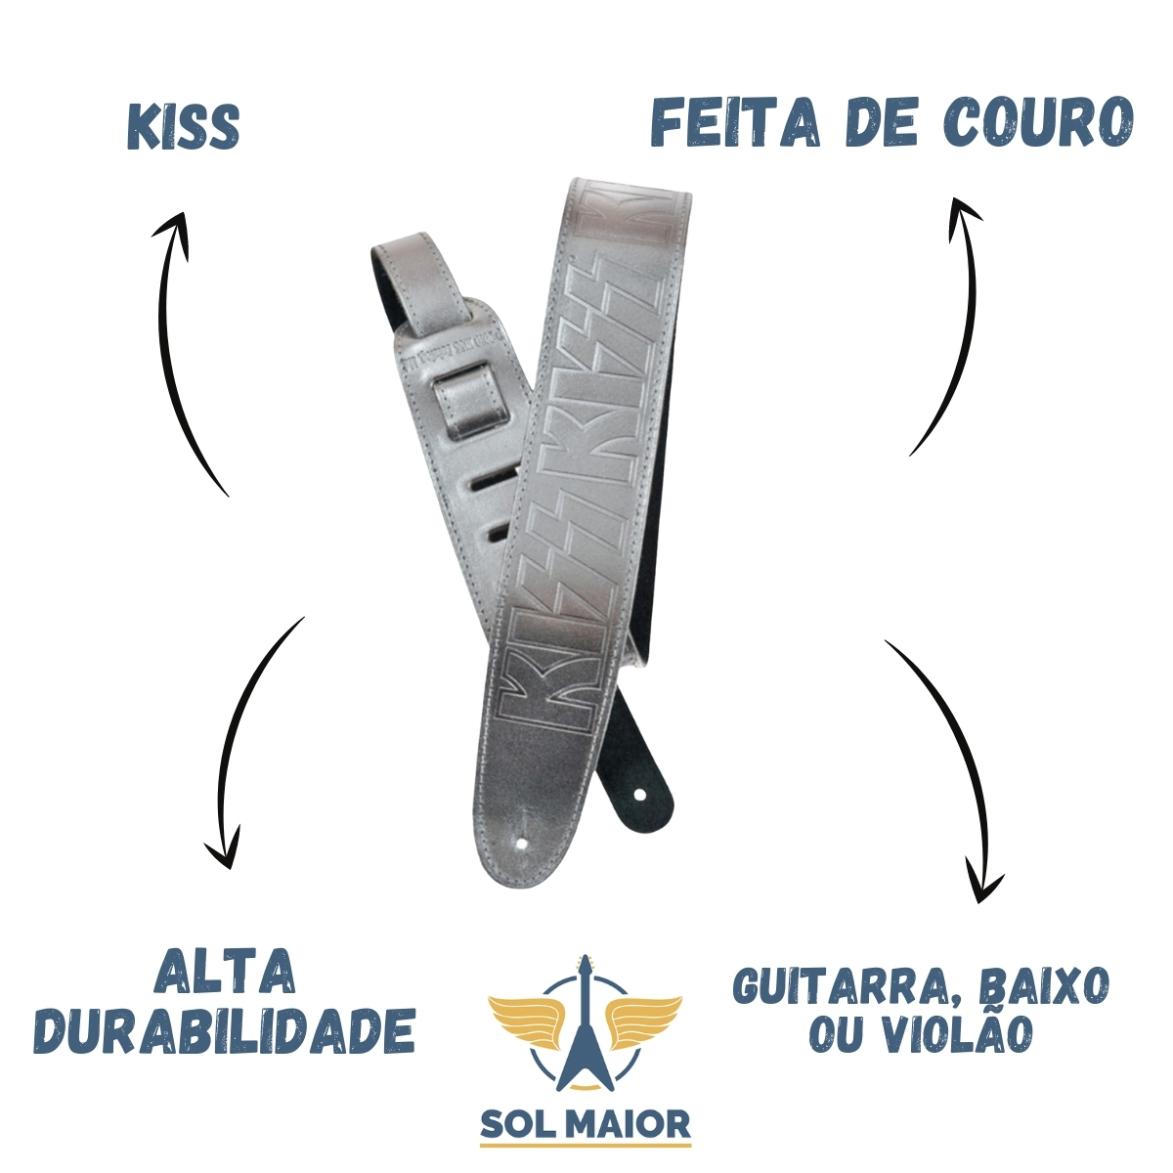 Correia Couro Planet Waves 25lk06 Kiss Double Platinum